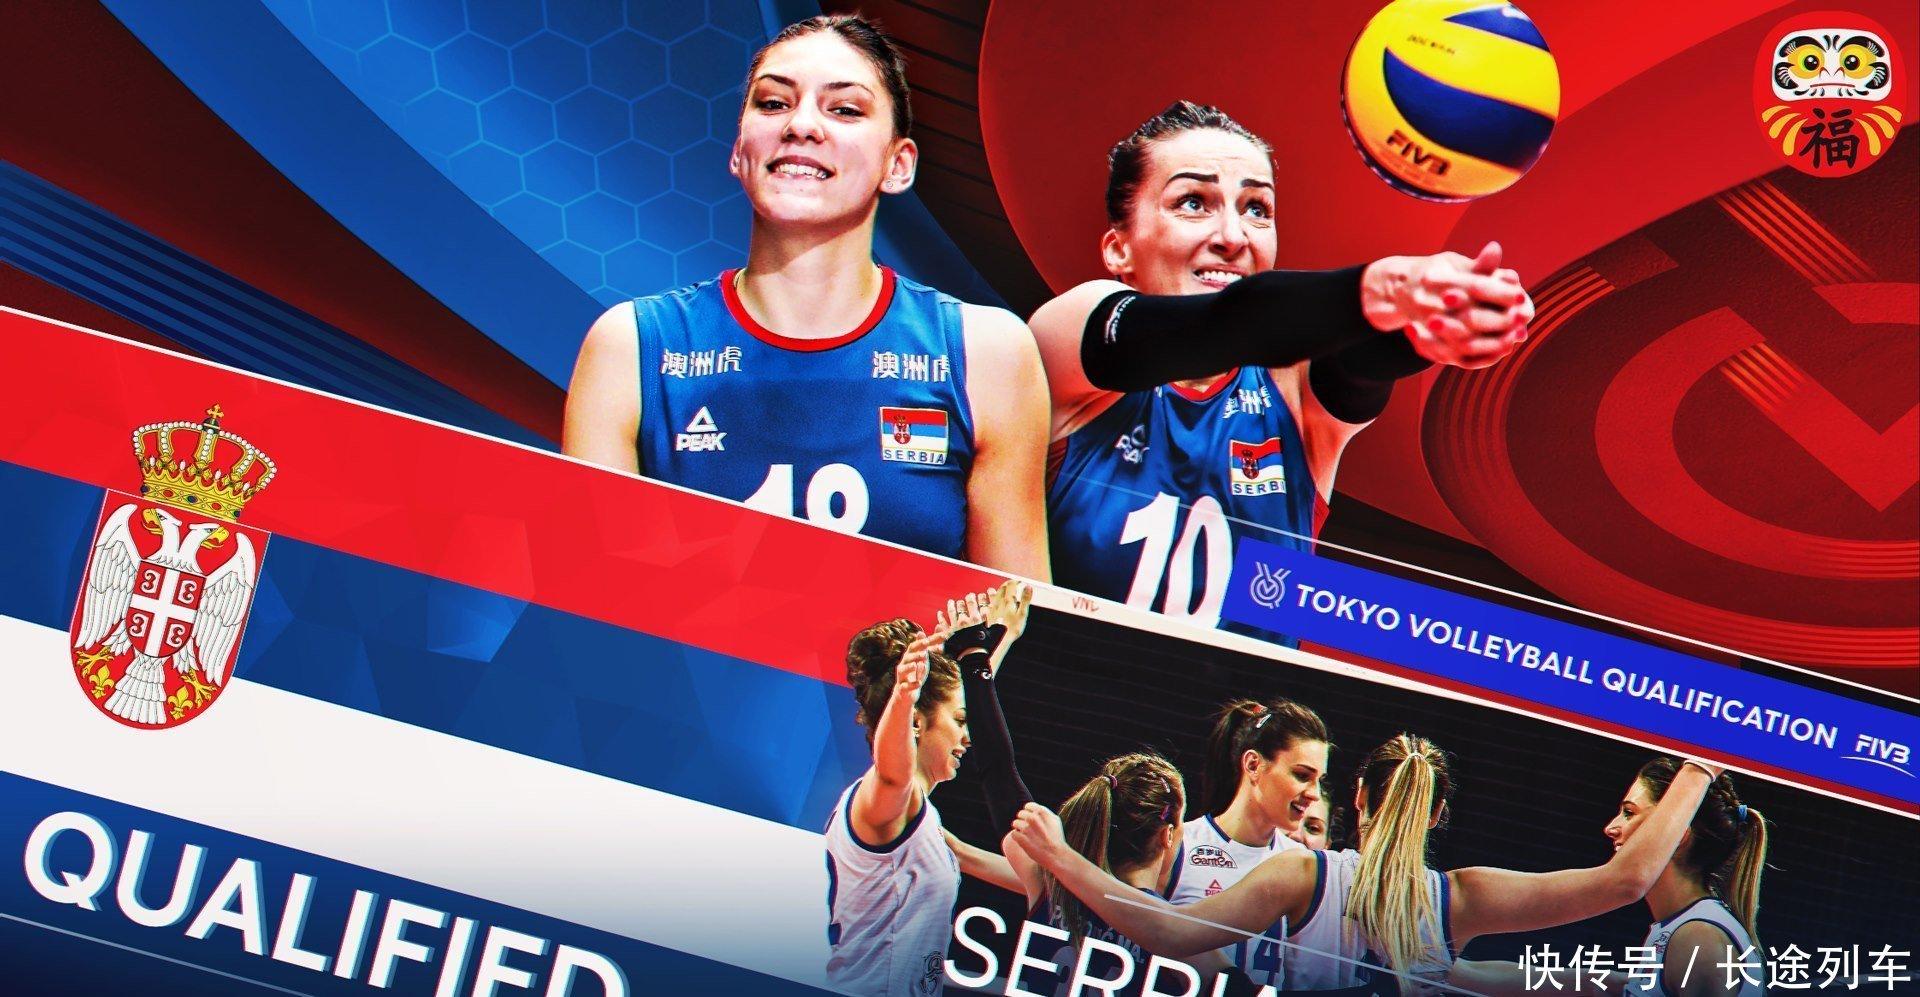 奥资赛出线六队宣传海报出炉,这些队员是国际排联认证的各队巨星